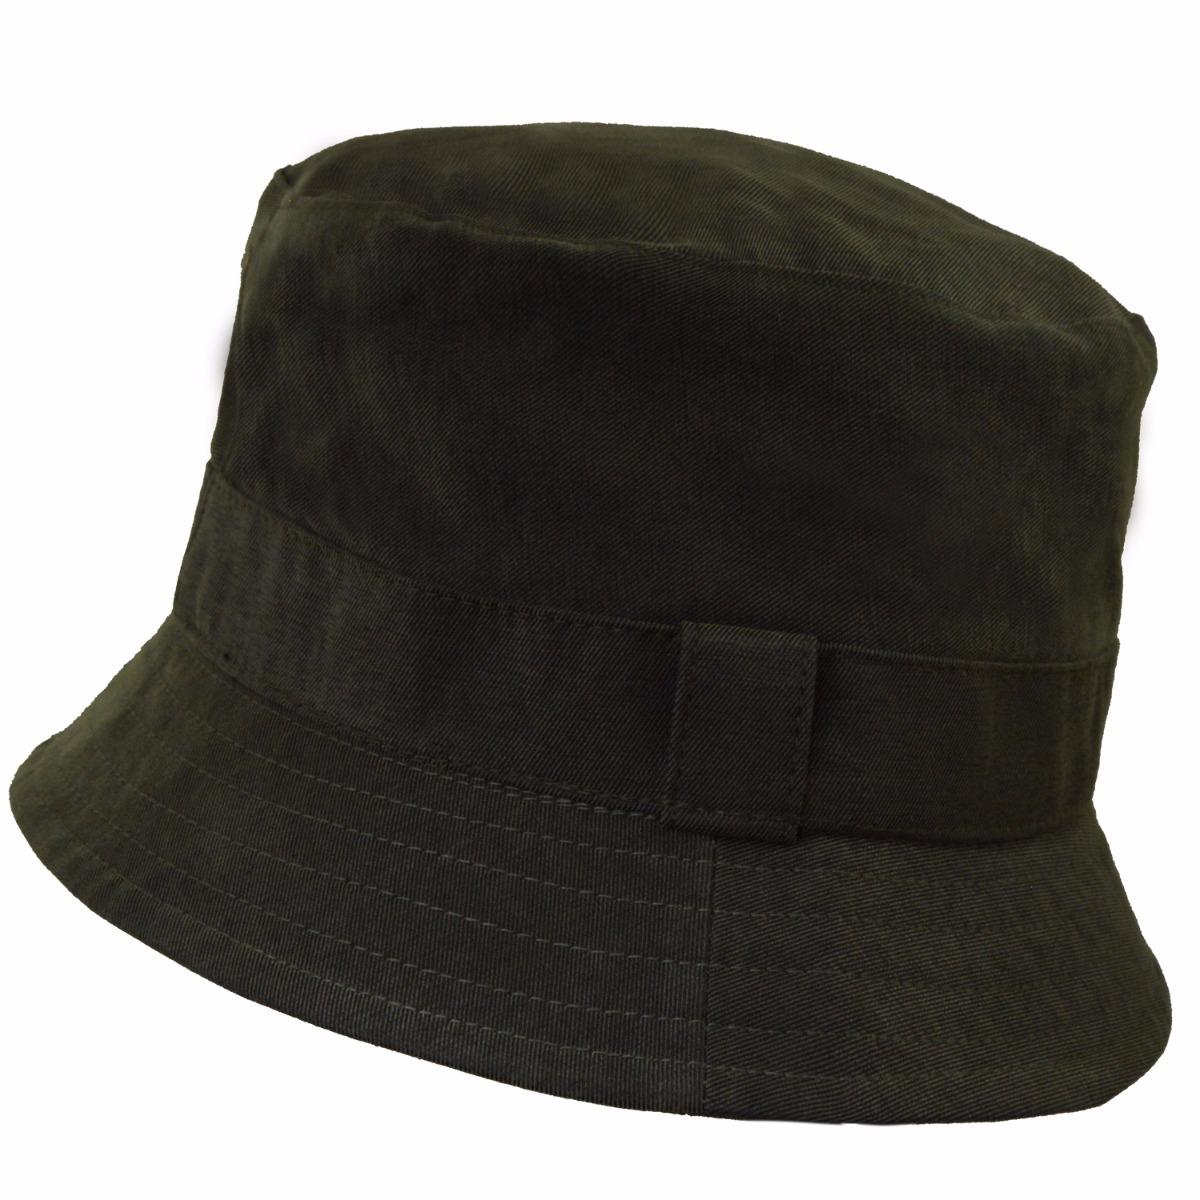 sombrero human sarge lluvia compañia de sombreros 71220252. Cargando zoom. 7112db565907